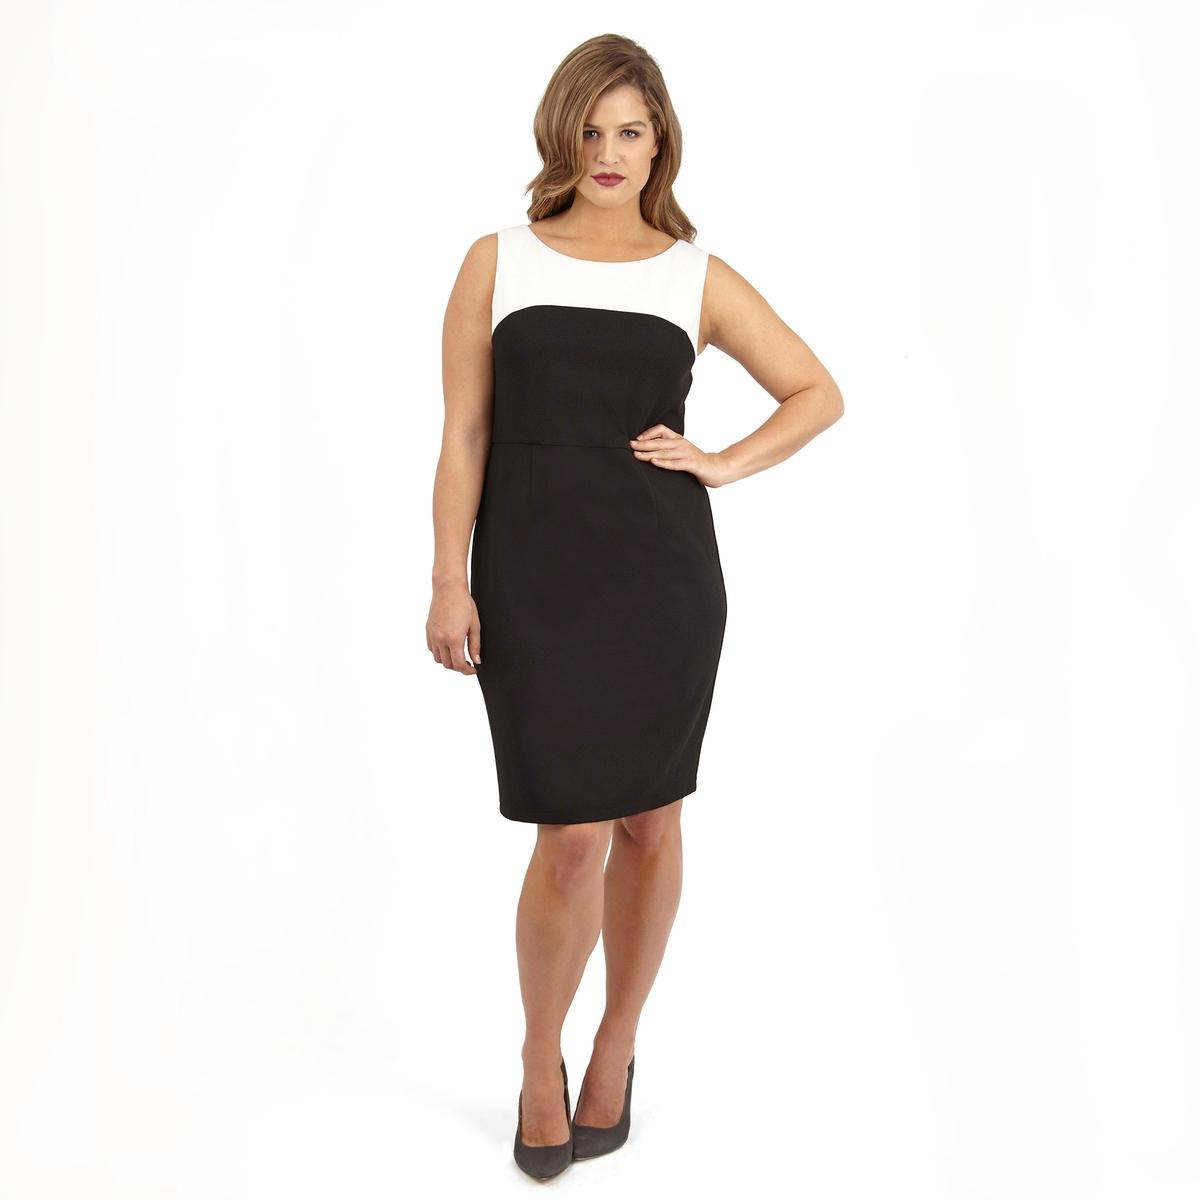 ПлатьеПлатье без рукавов LOVEDROBE. Красивое двухцветное платье. 100% полиэстер.<br><br>Цвет: черный/ белый<br>Размер: 50/52 (FR) - 56/58 (RUS)